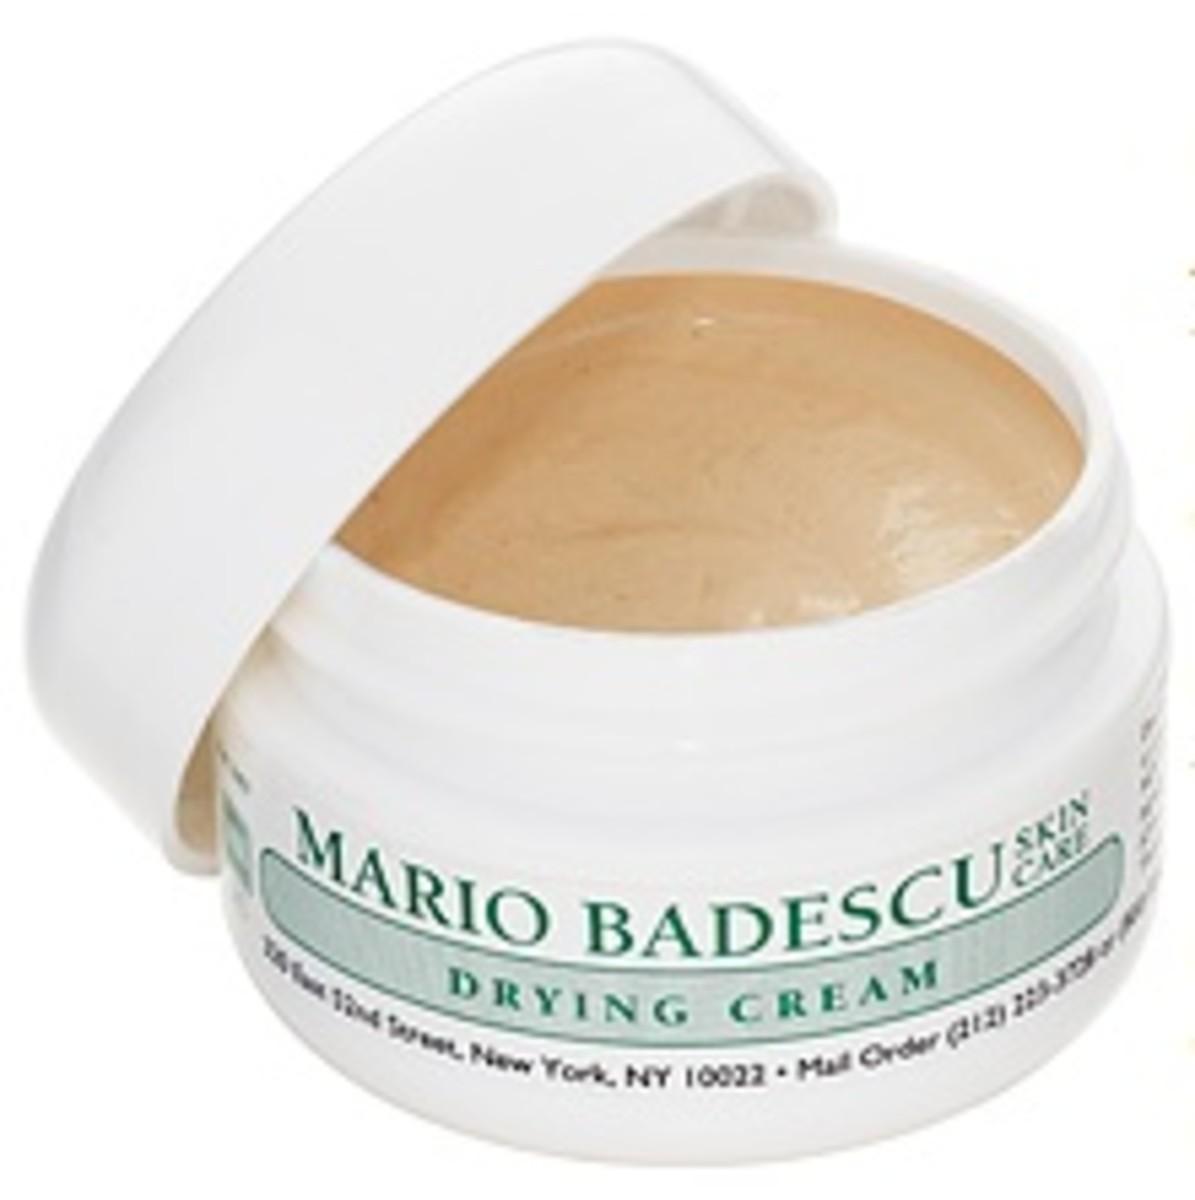 Dry Cream Acne Skincare that conceals!